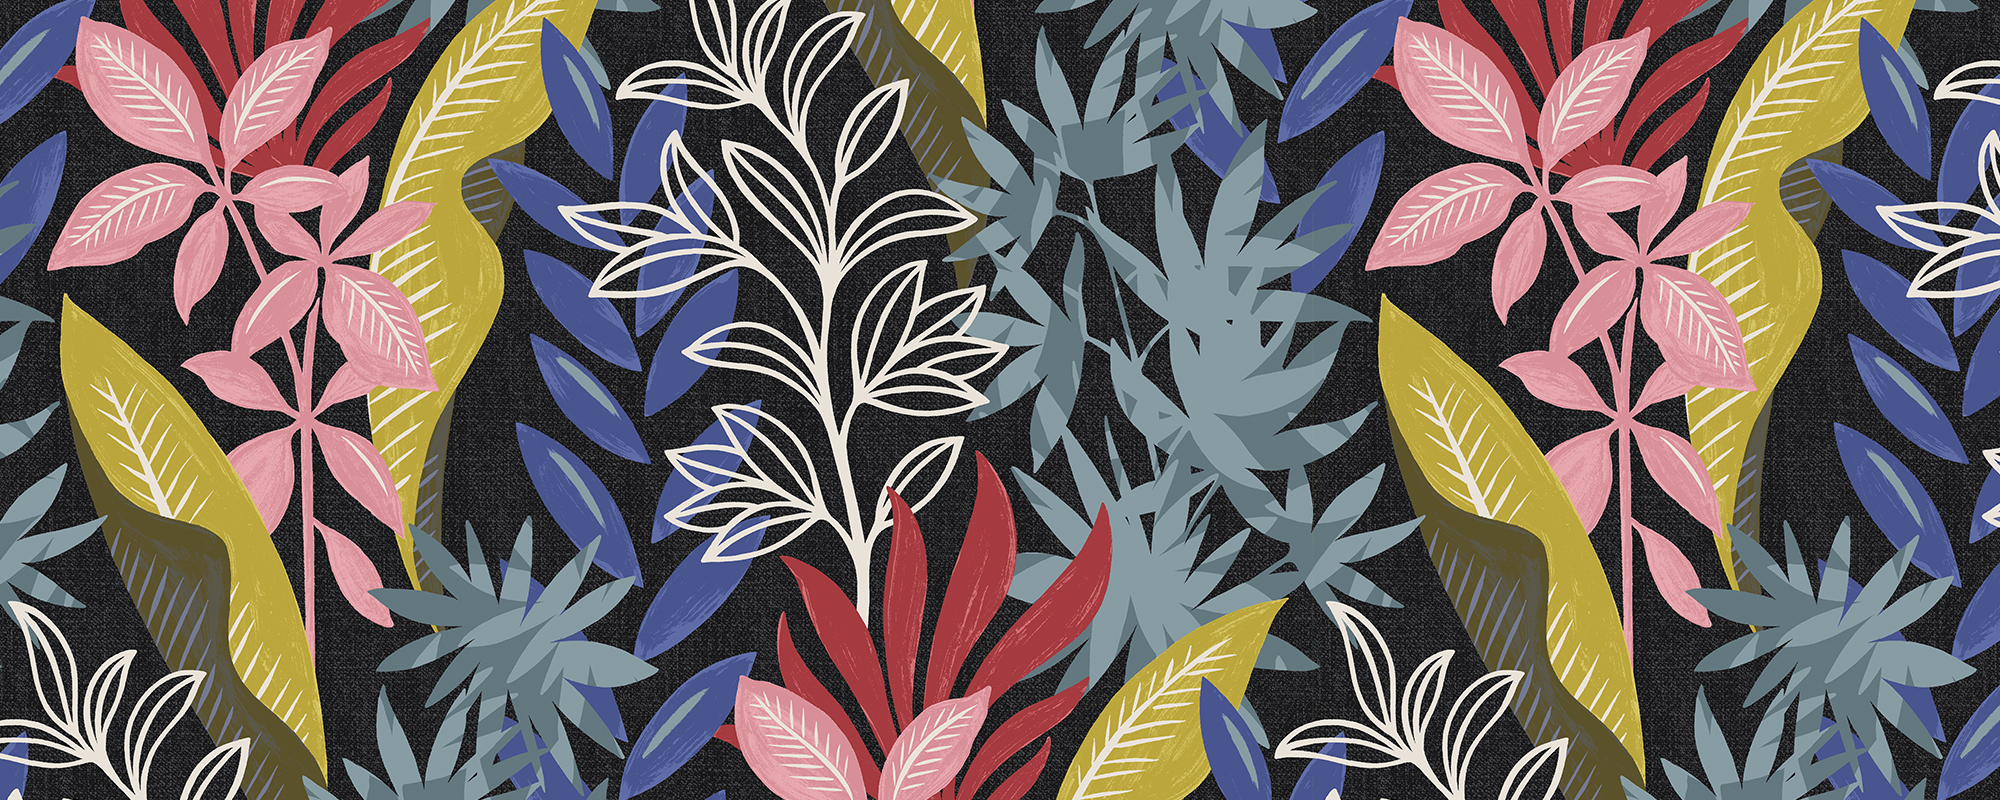 Papier peint original et coloré motifs plantes aquatiques